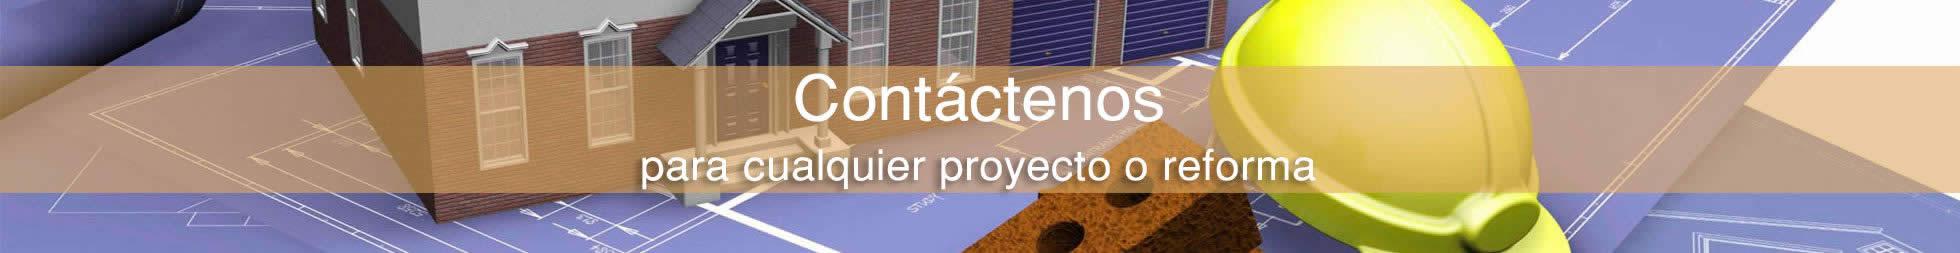 Presupuesto reforma precio reforma integral piso madrid for Precio reforma integral piso 80 metros madrid